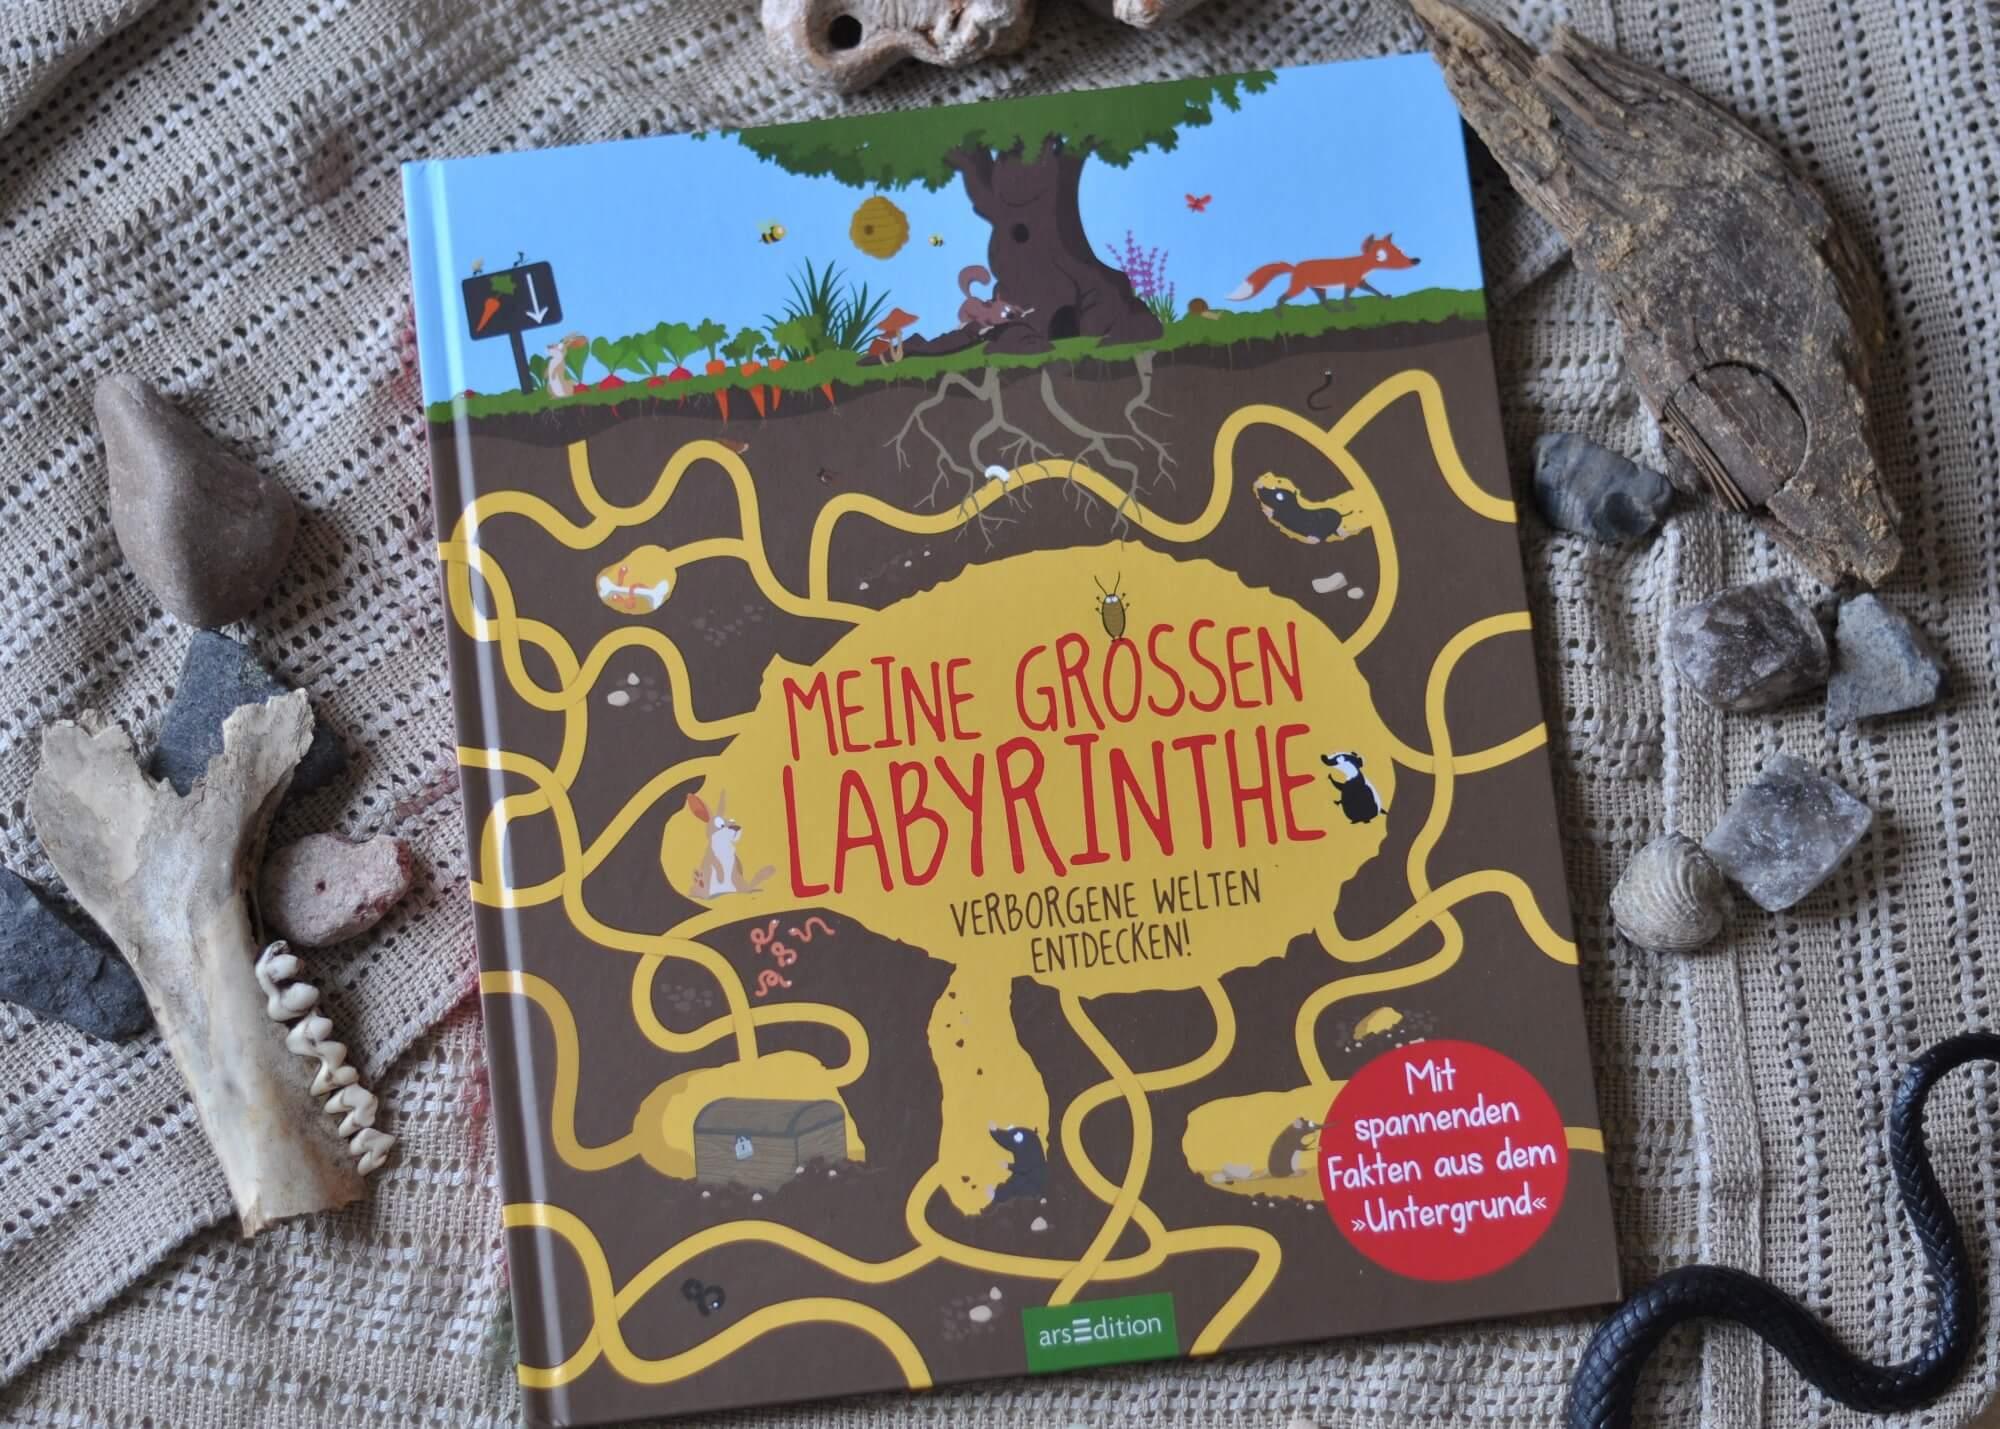 Verborgene Welten unter der Erde entdecken. Ein witziges und faszinierendes Sachbuch für Kinder ab 6 Jahren. #Labyrinth #Schbuch #lesen #kinderbuch #erde #höhle #ameise #unterwasser #forscher